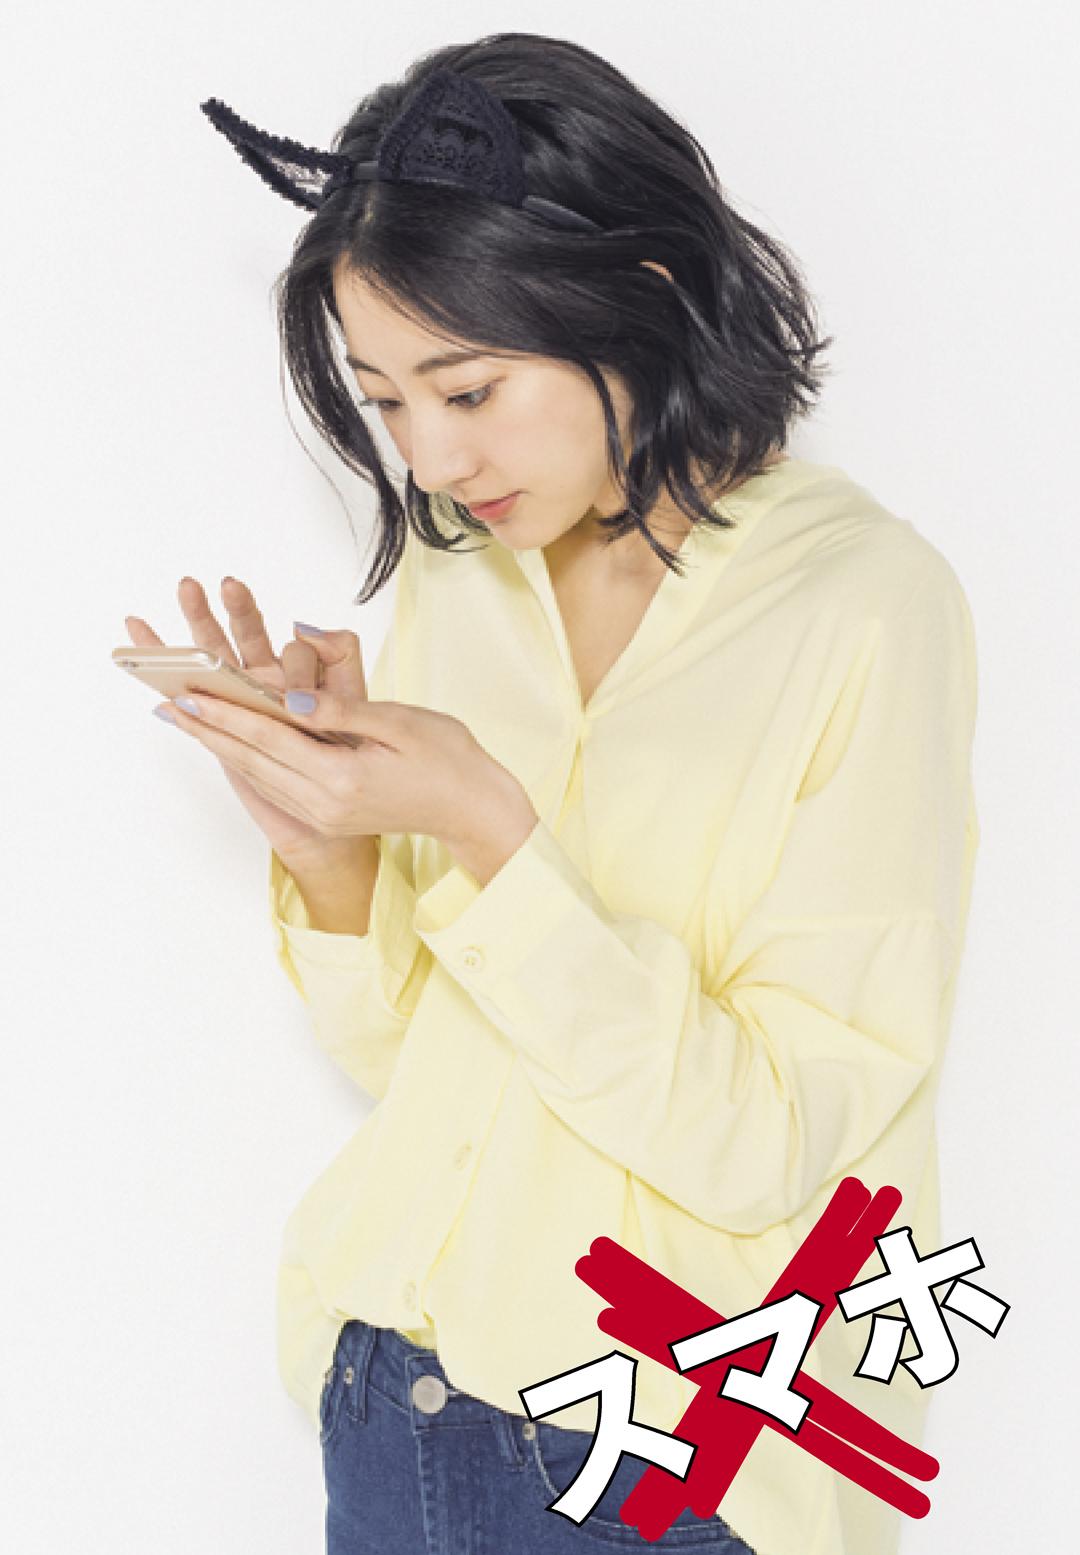 簡単♡ 猫背矯正ストレッチ「キャットレッチ」正しい姿勢を手に入れる!_1_4-2